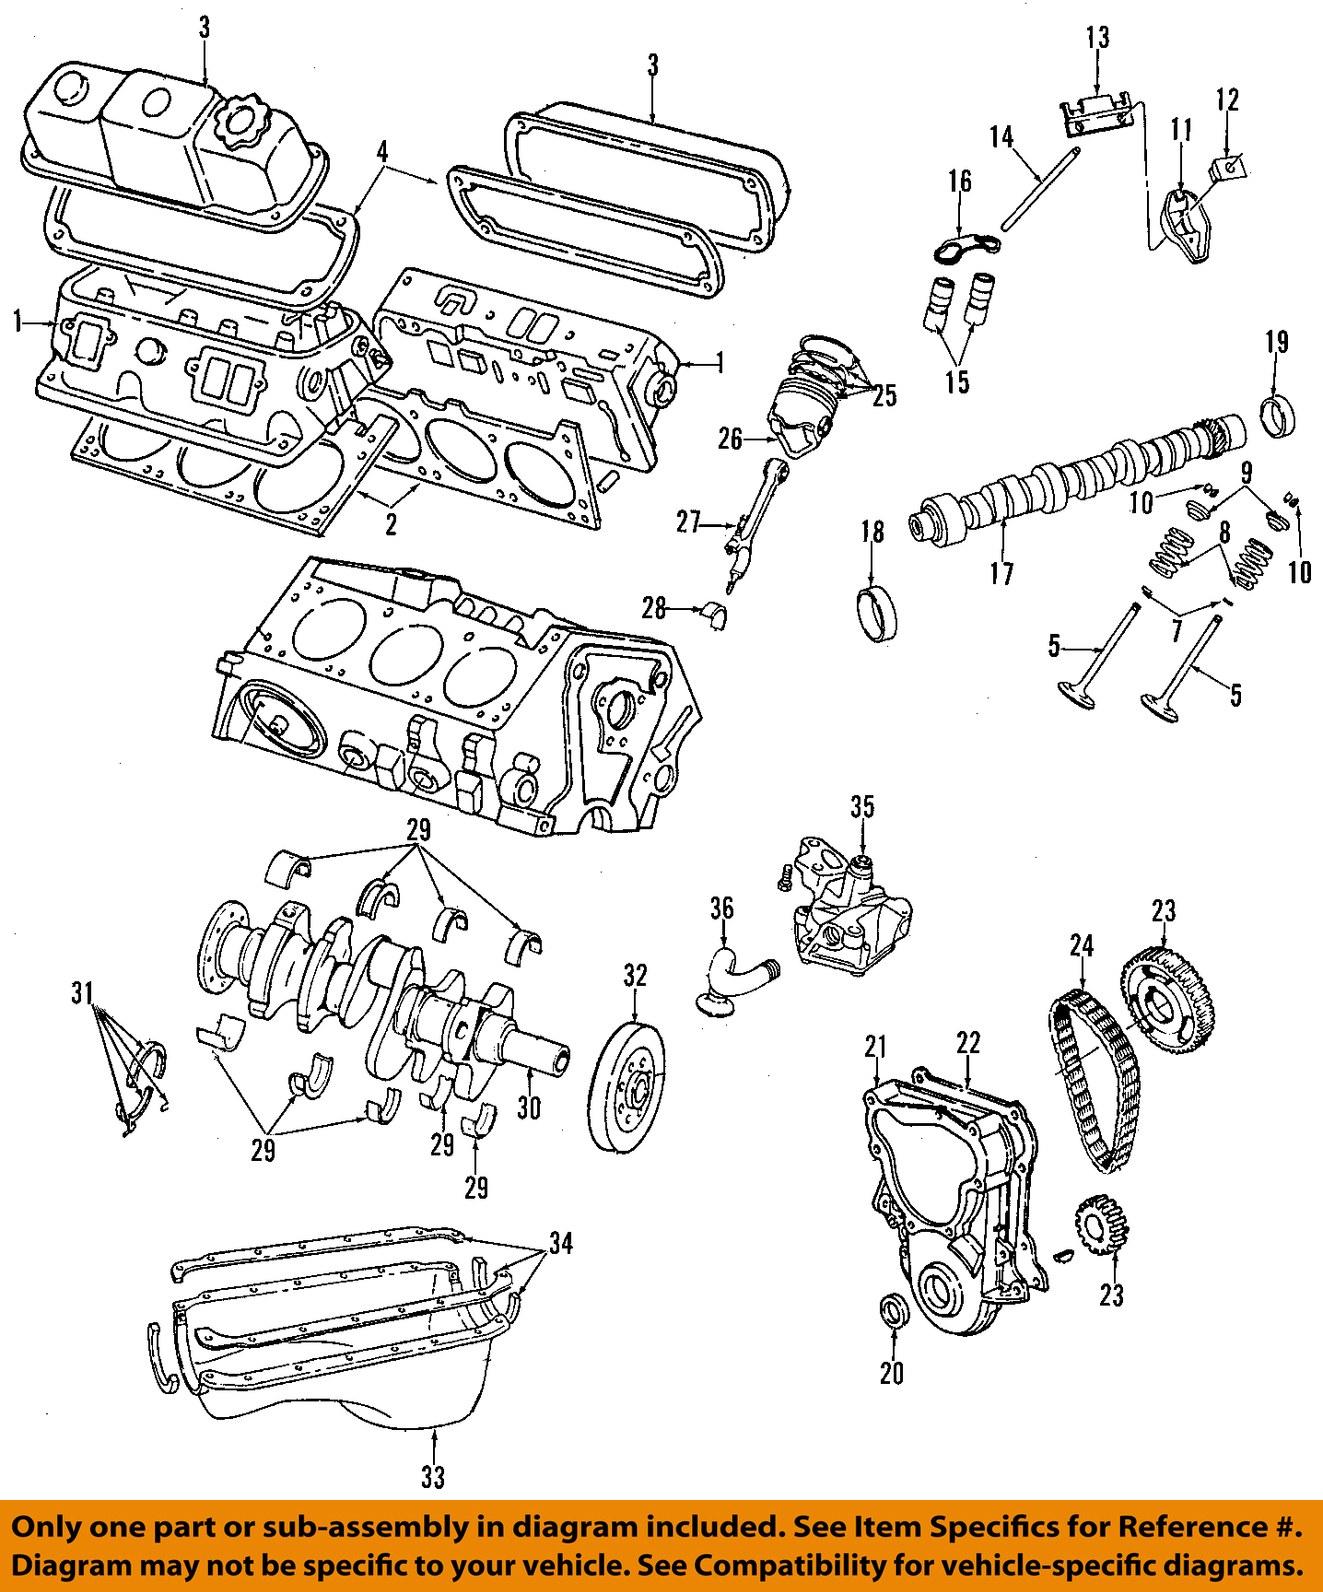 hight resolution of mopar 440 wiring diagram mopar f body wiring diagram chrysler ignition wiring diagram wiring diagram